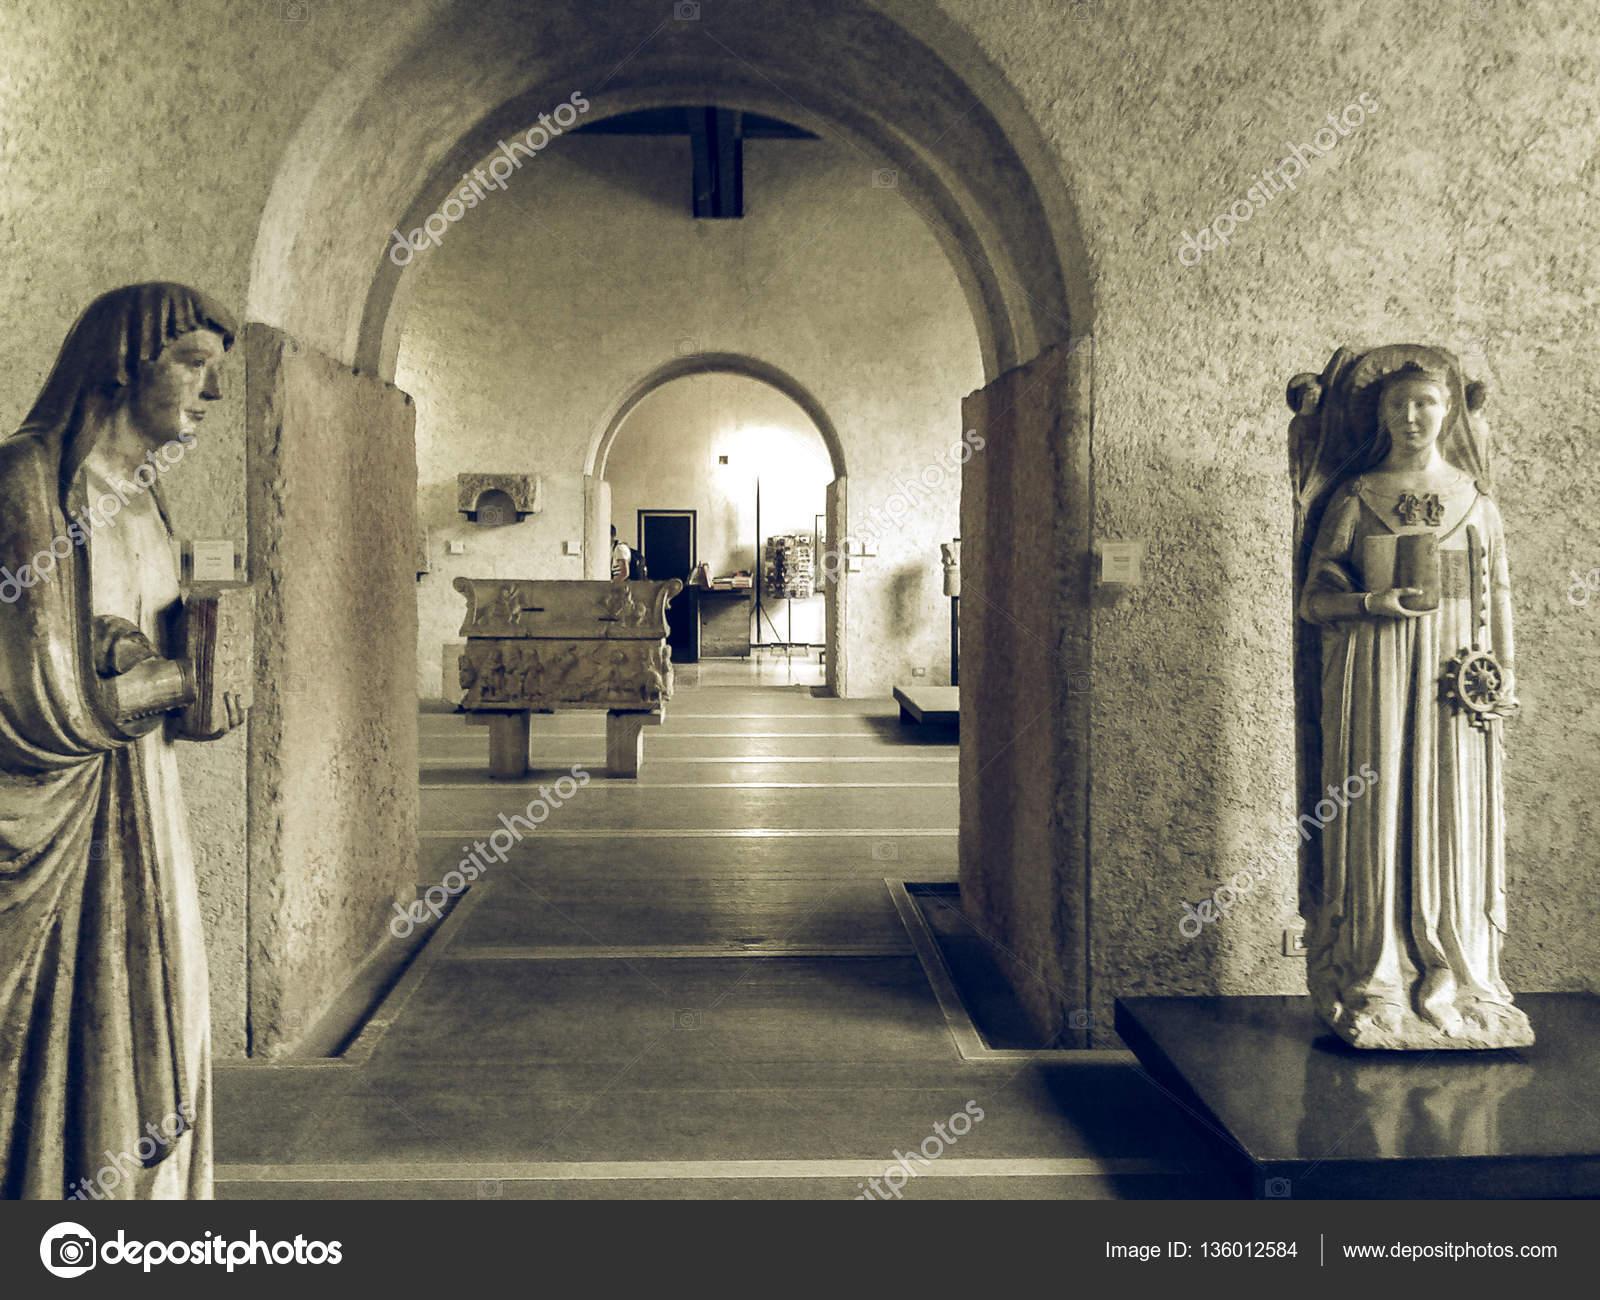 Museo Di Castelvecchio.Museo Di Castelvecchio In Annata Di Verona Desaturato Foto